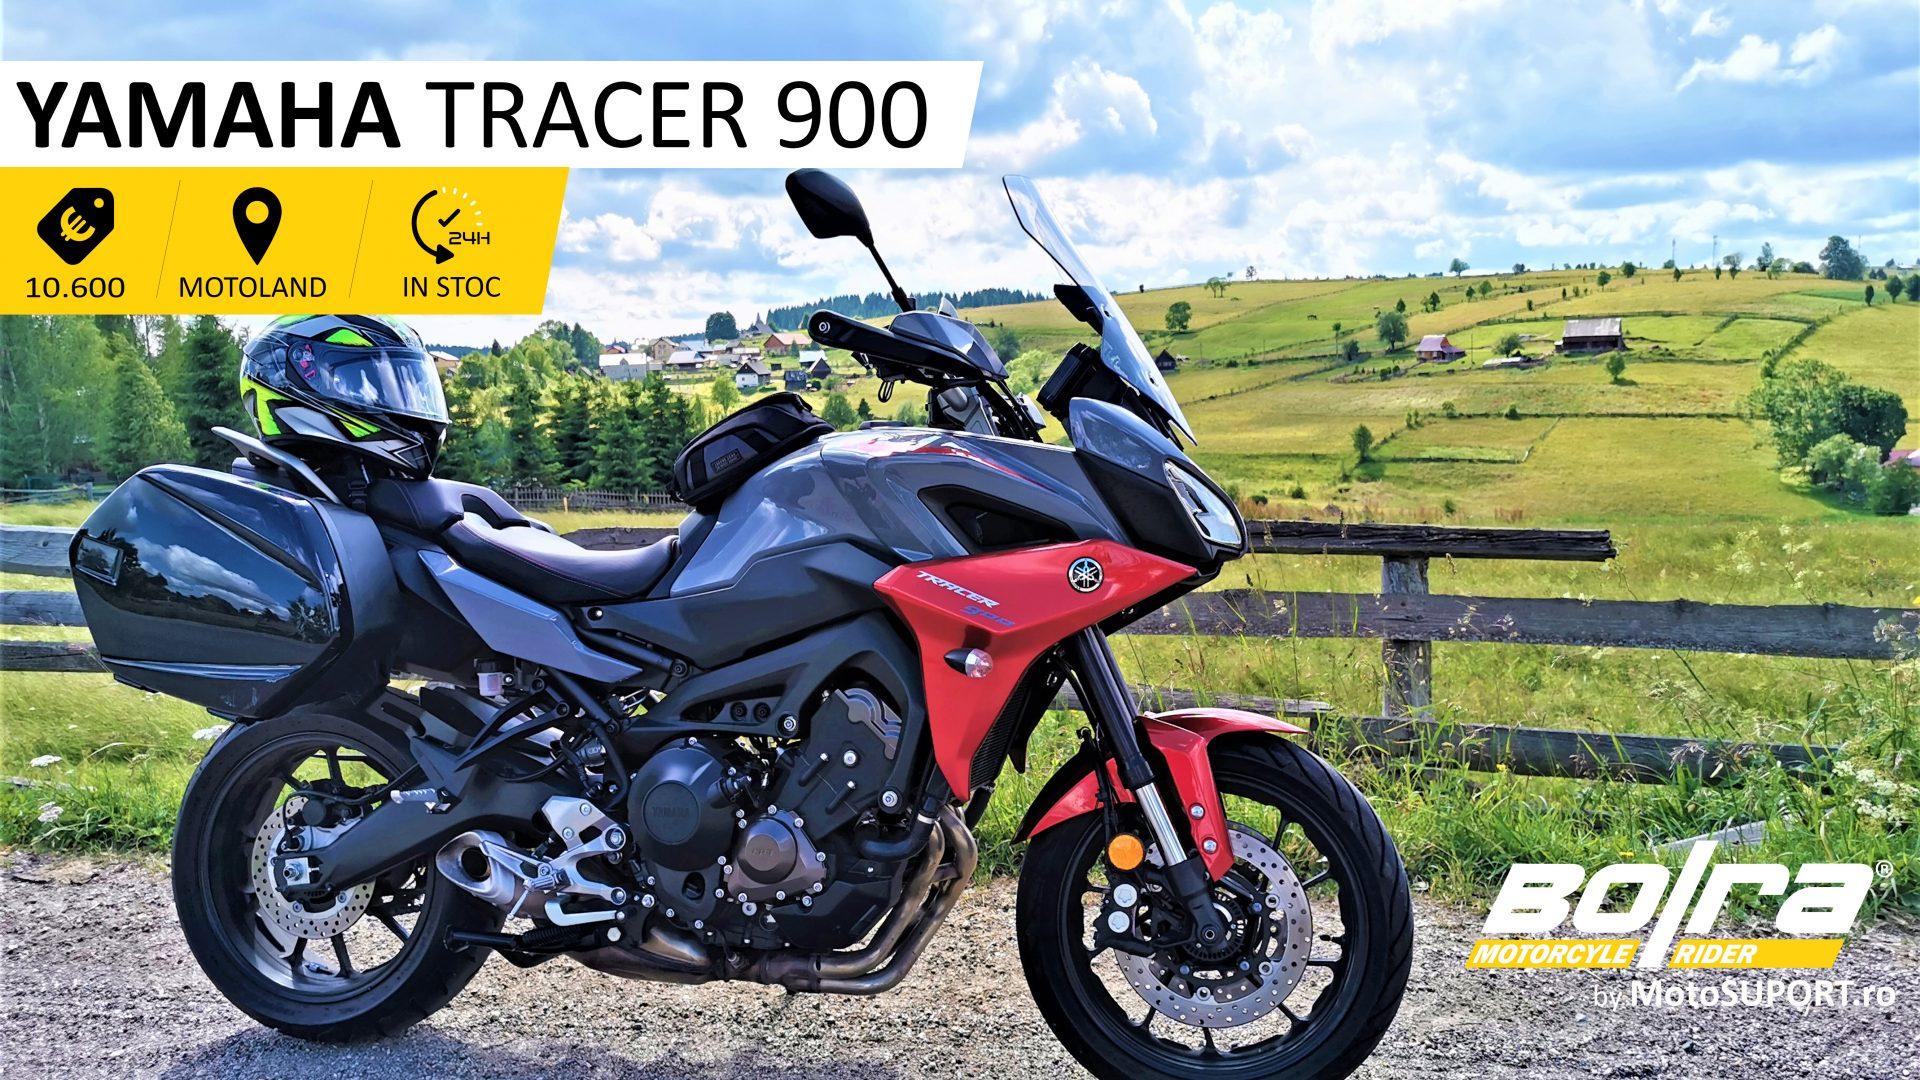 Test drive cu Yamaha Tracer 900 - 2019